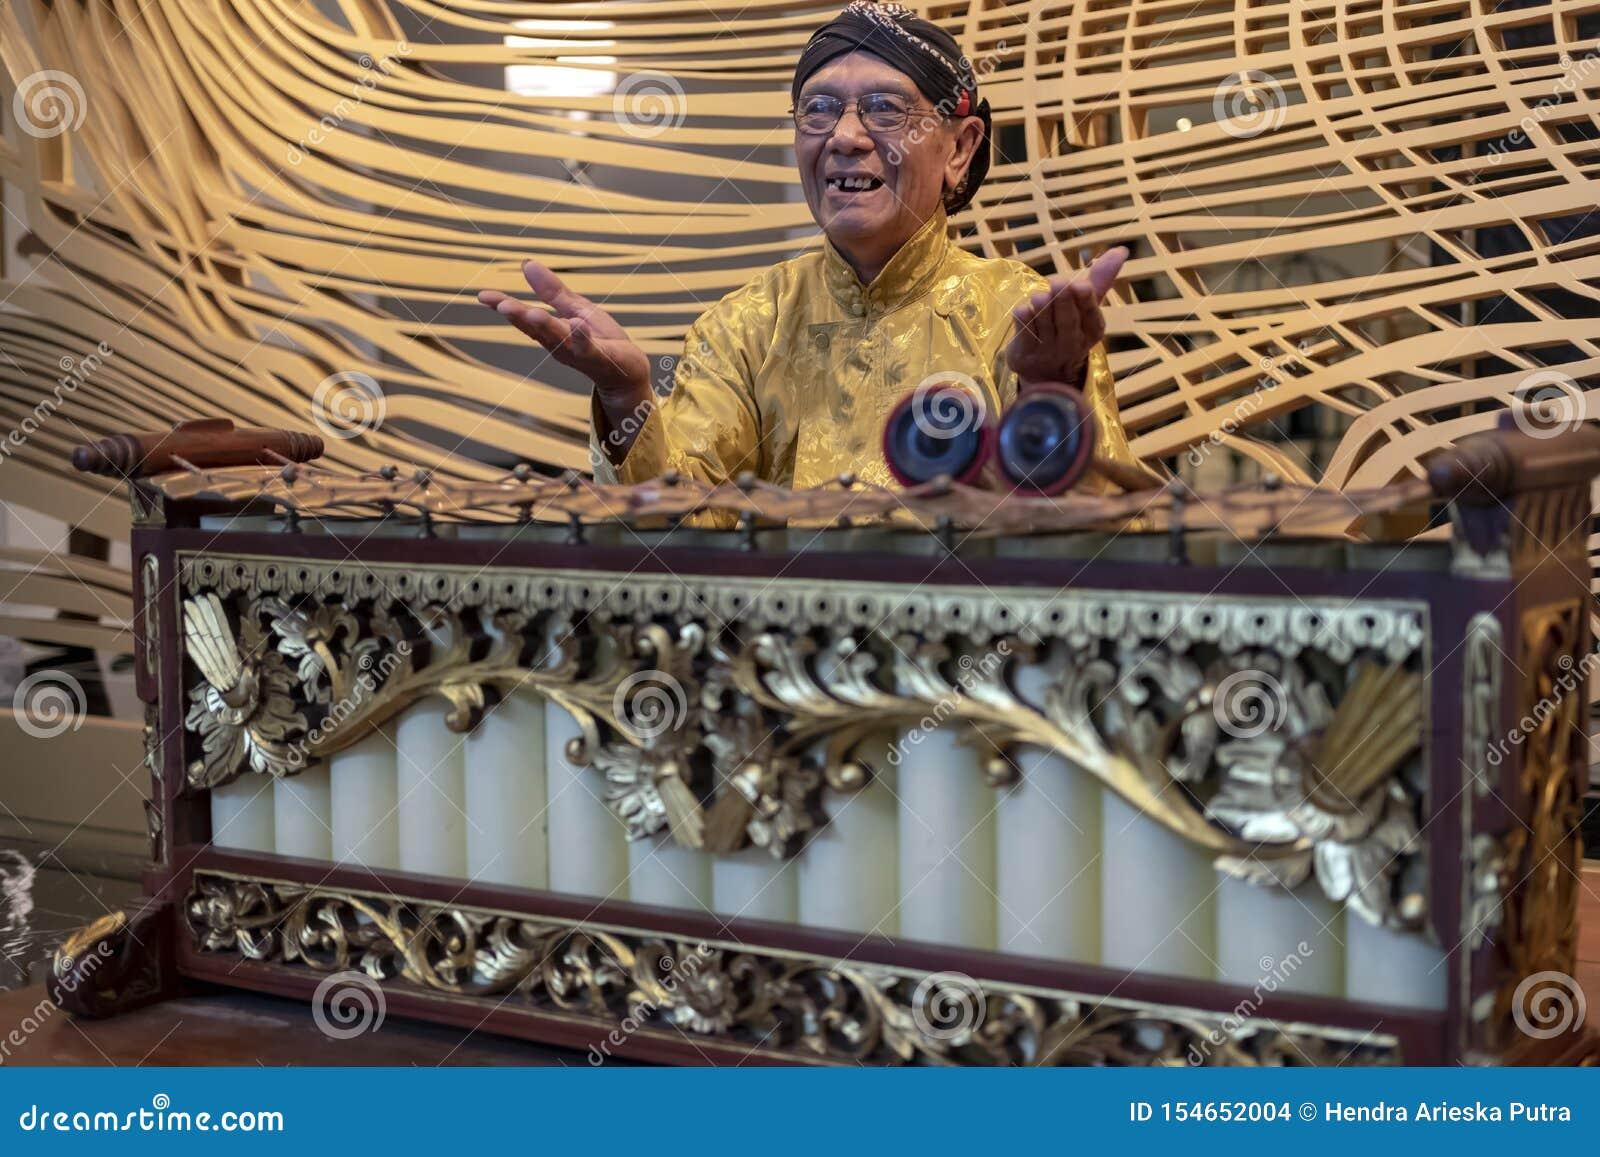 Jawajski mężczyzna bawić się slenthem, Jawajski tradycyjny muzyczny instrument